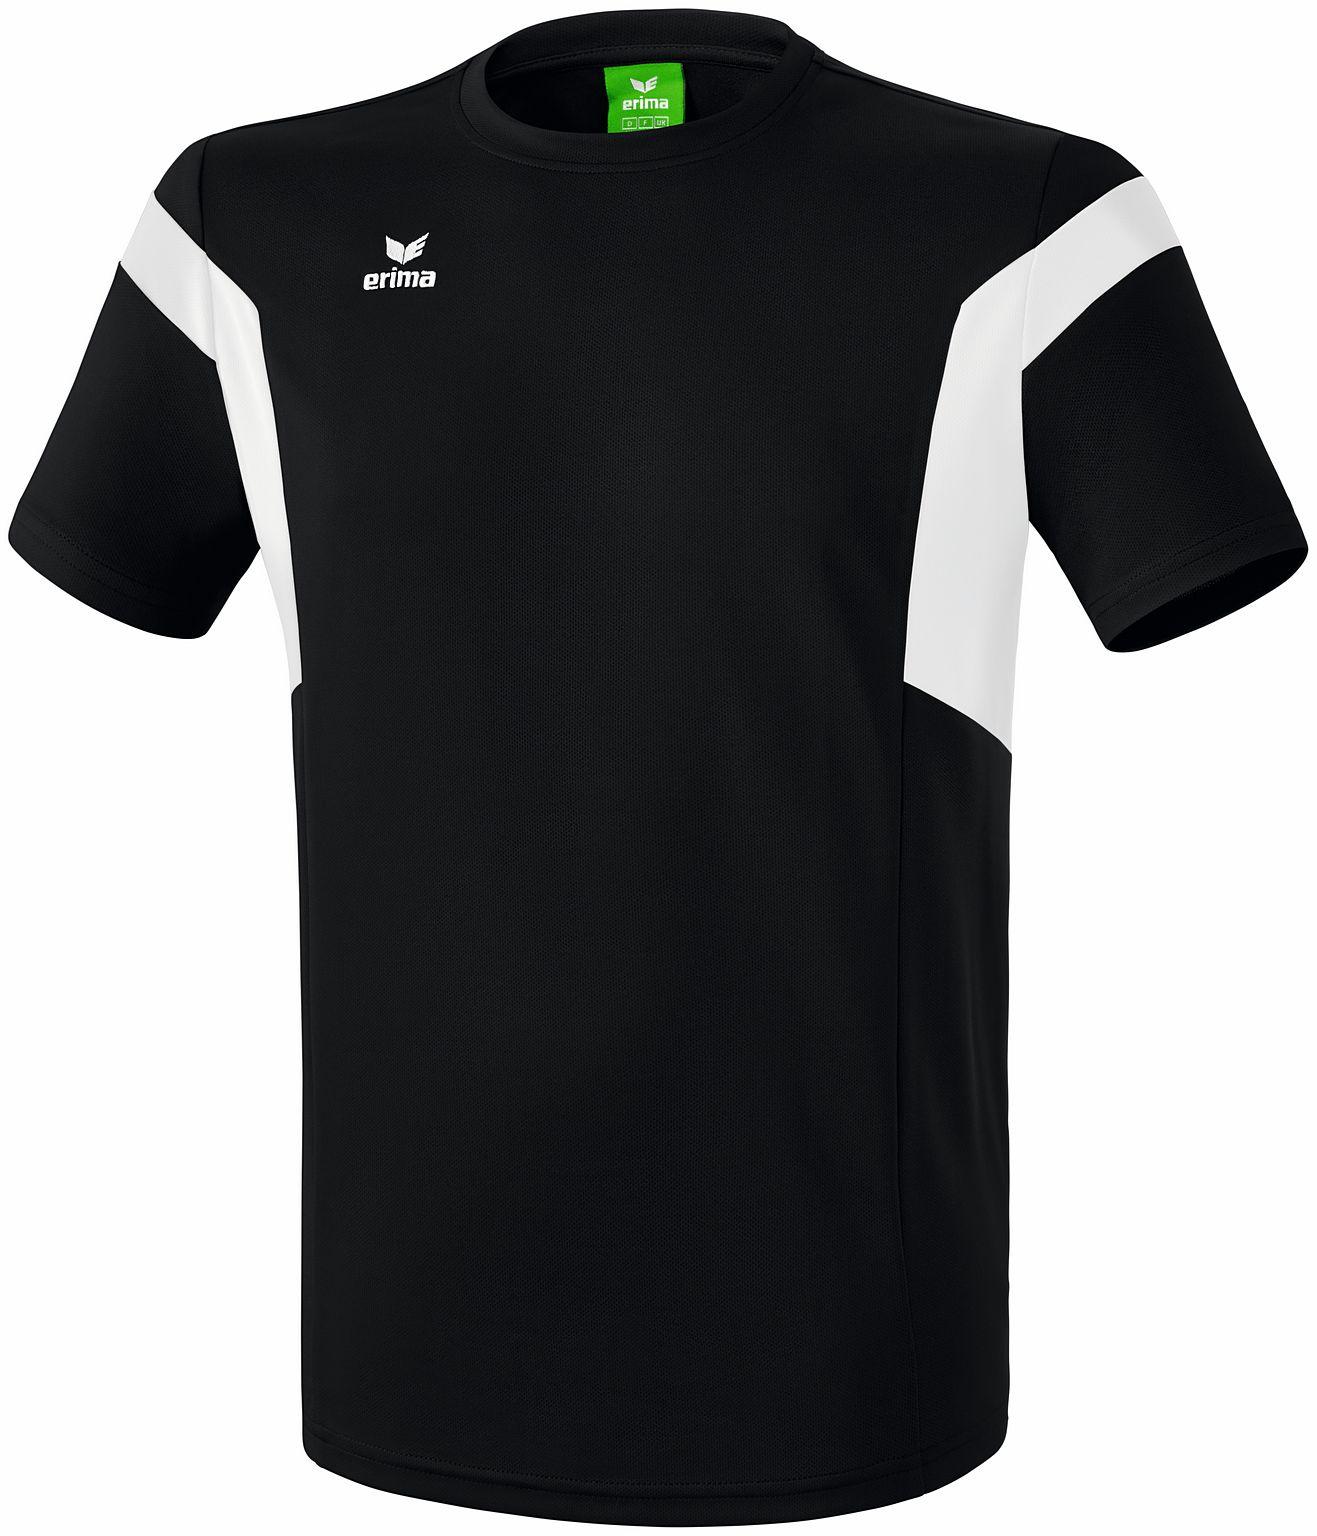 Erima Classic Team Camiseta Niños Negro Negro Negro Blanco aecf21